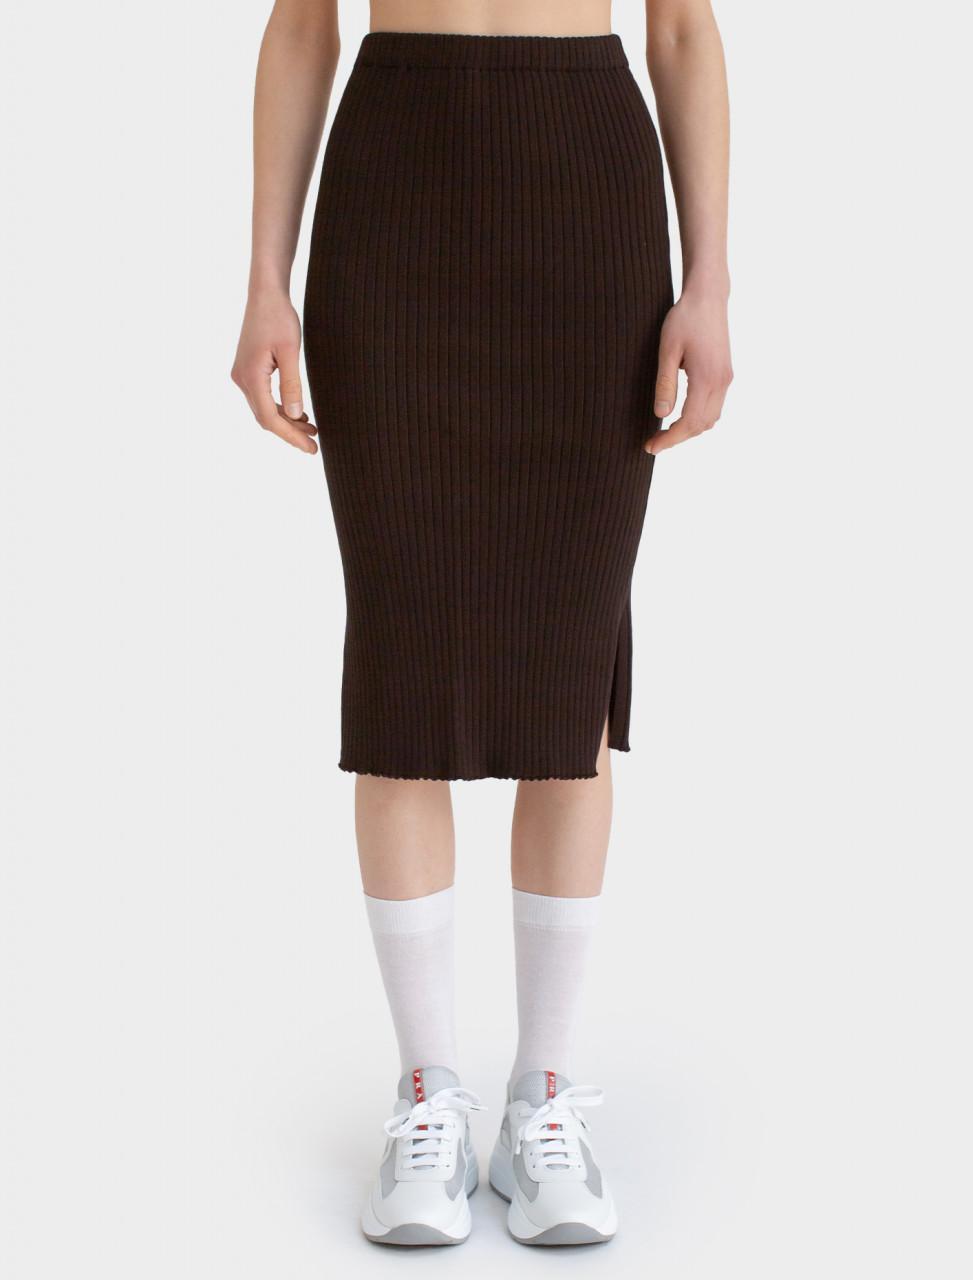 Slit Skirt in Dark Brown